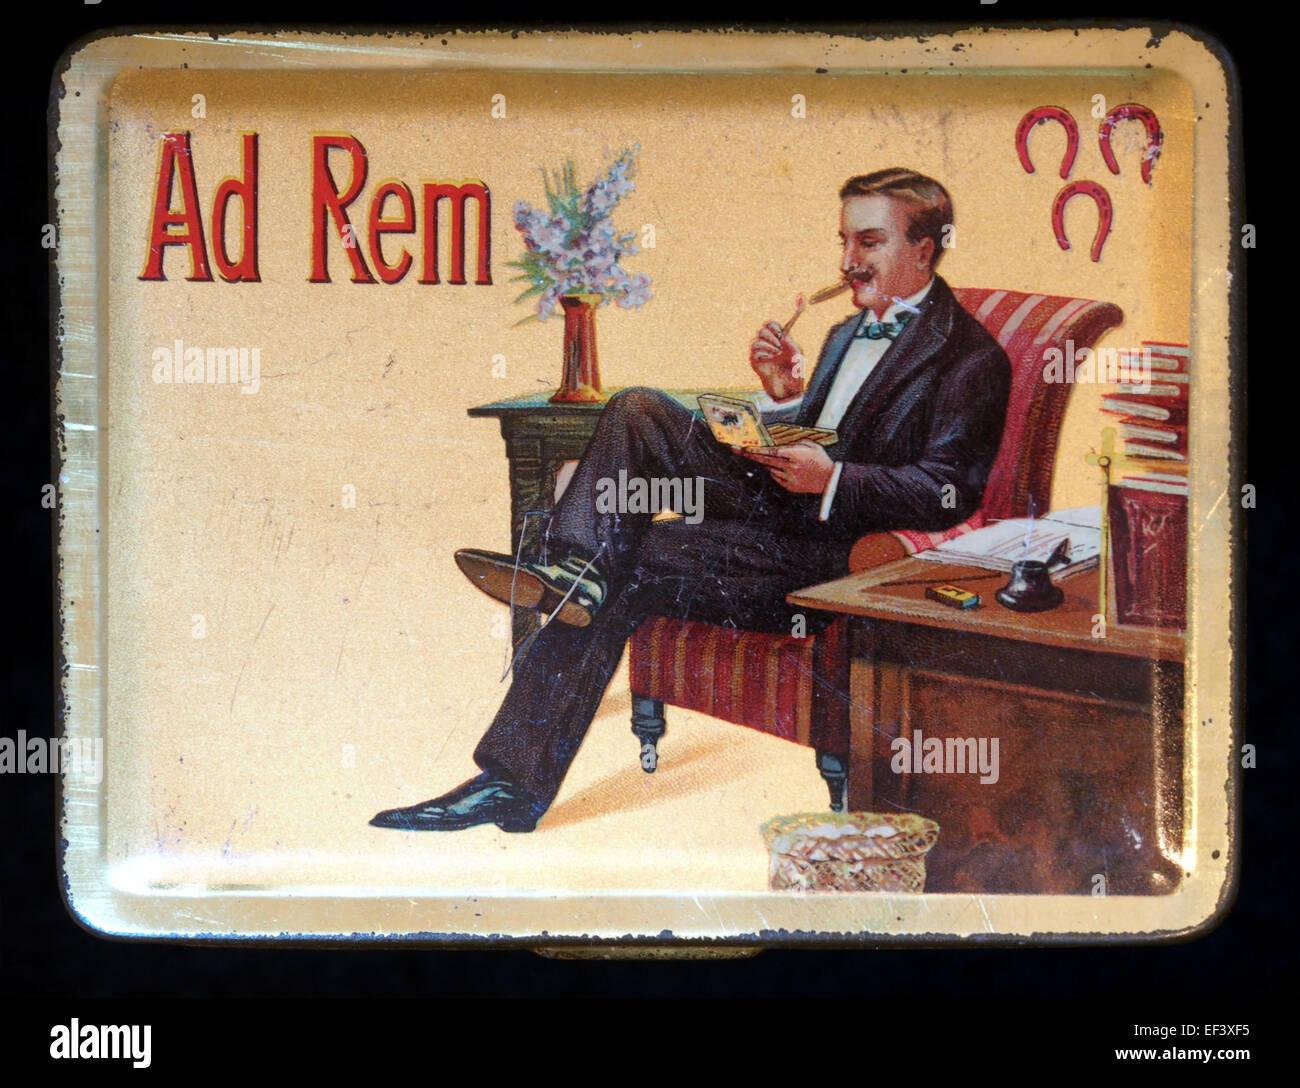 Ad Rem sigarenblikje - Stock Image